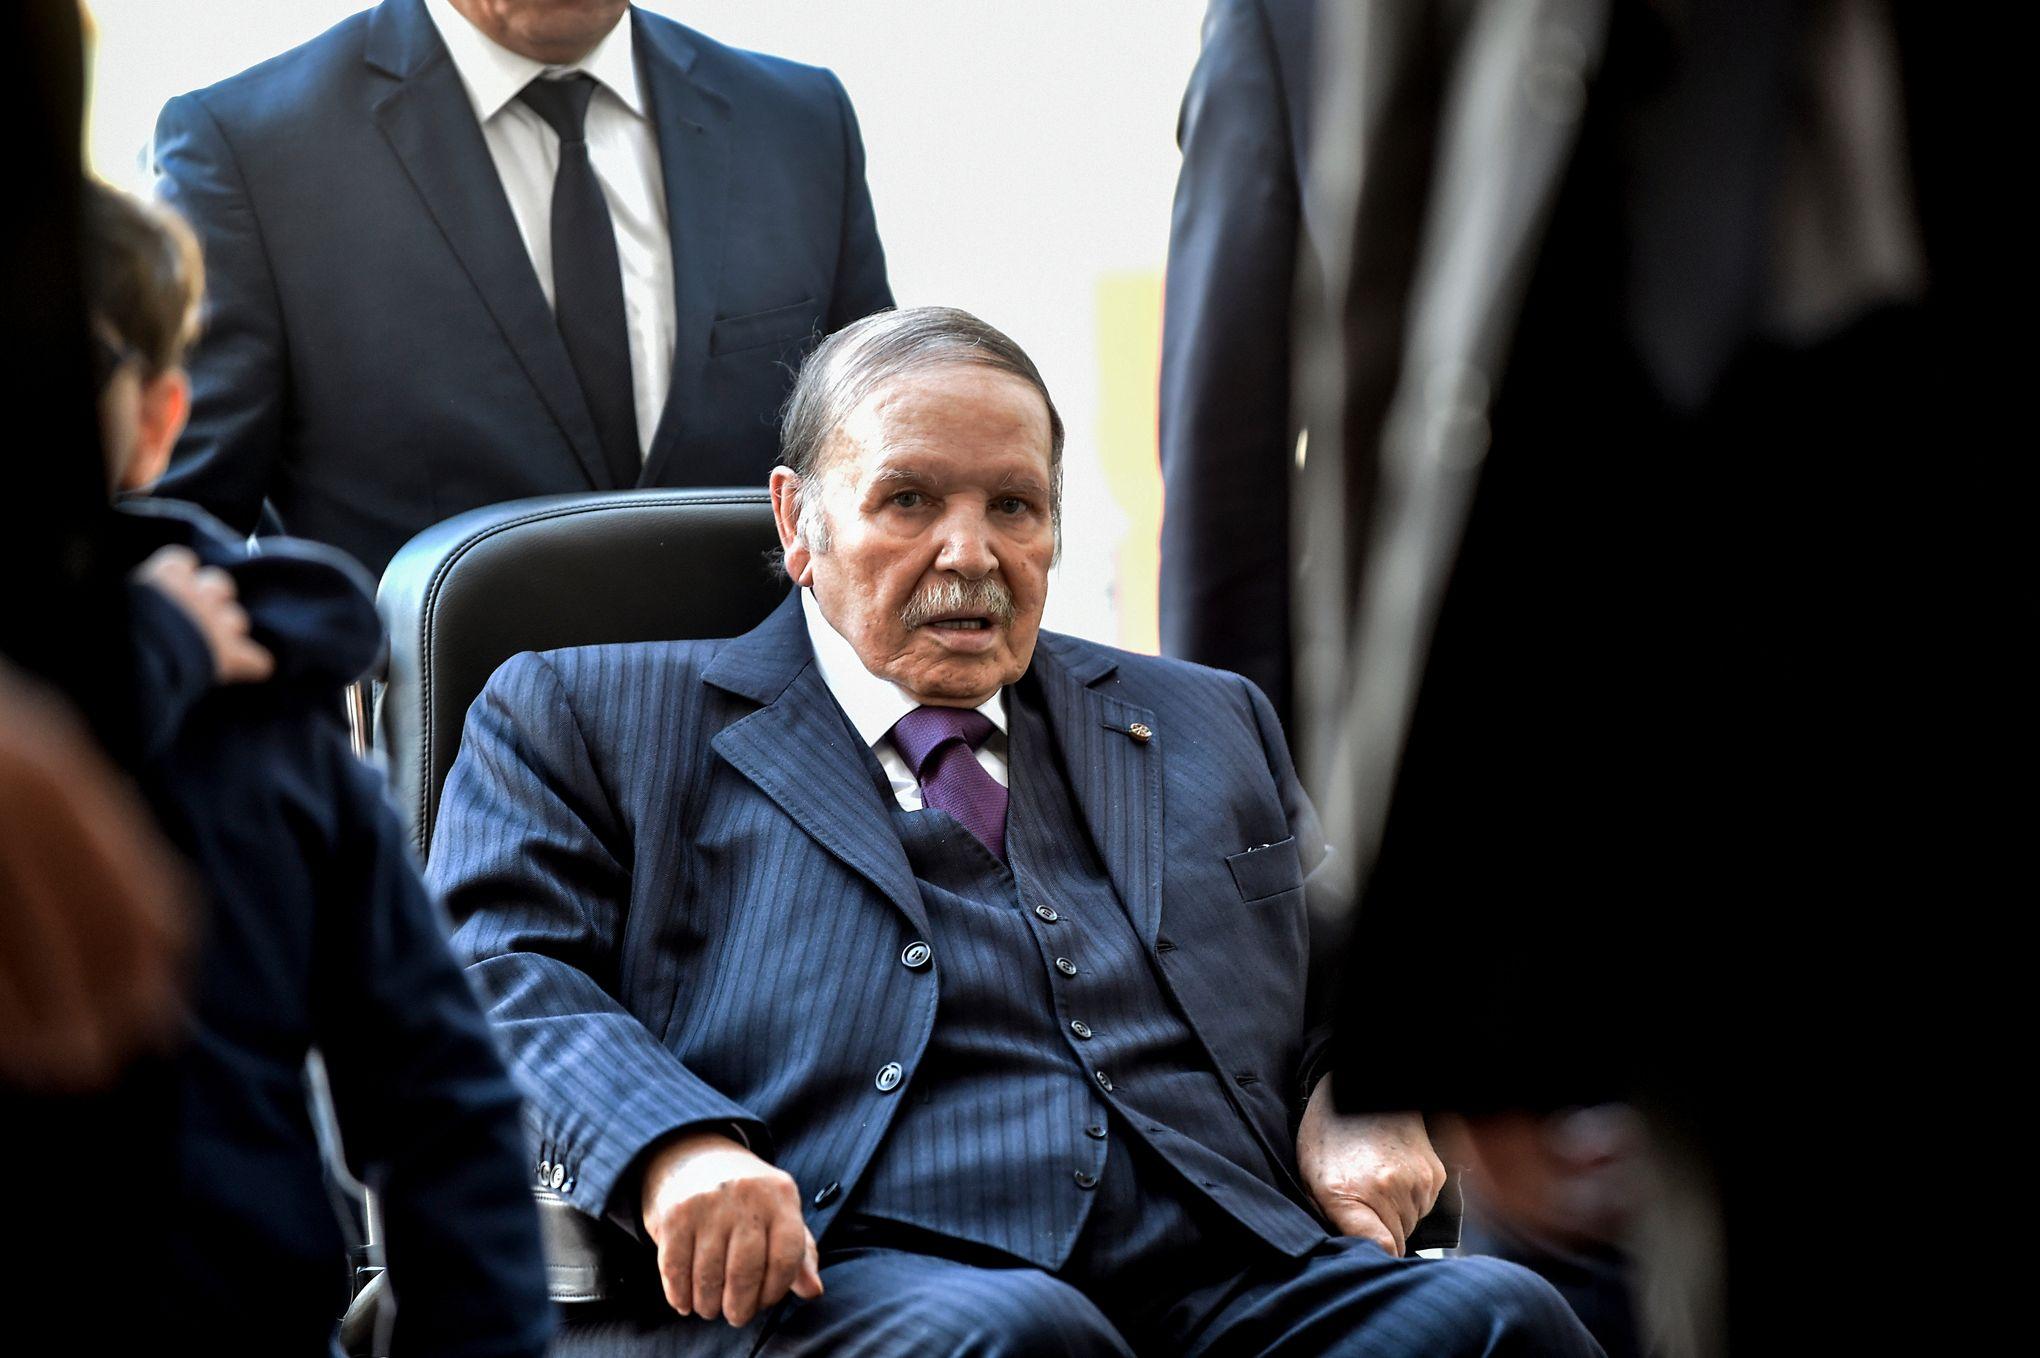 """لوموند: السلطة في الجزائر أمام خيارين قبل أن يتحول المحتجون إلى """"التطرف"""""""